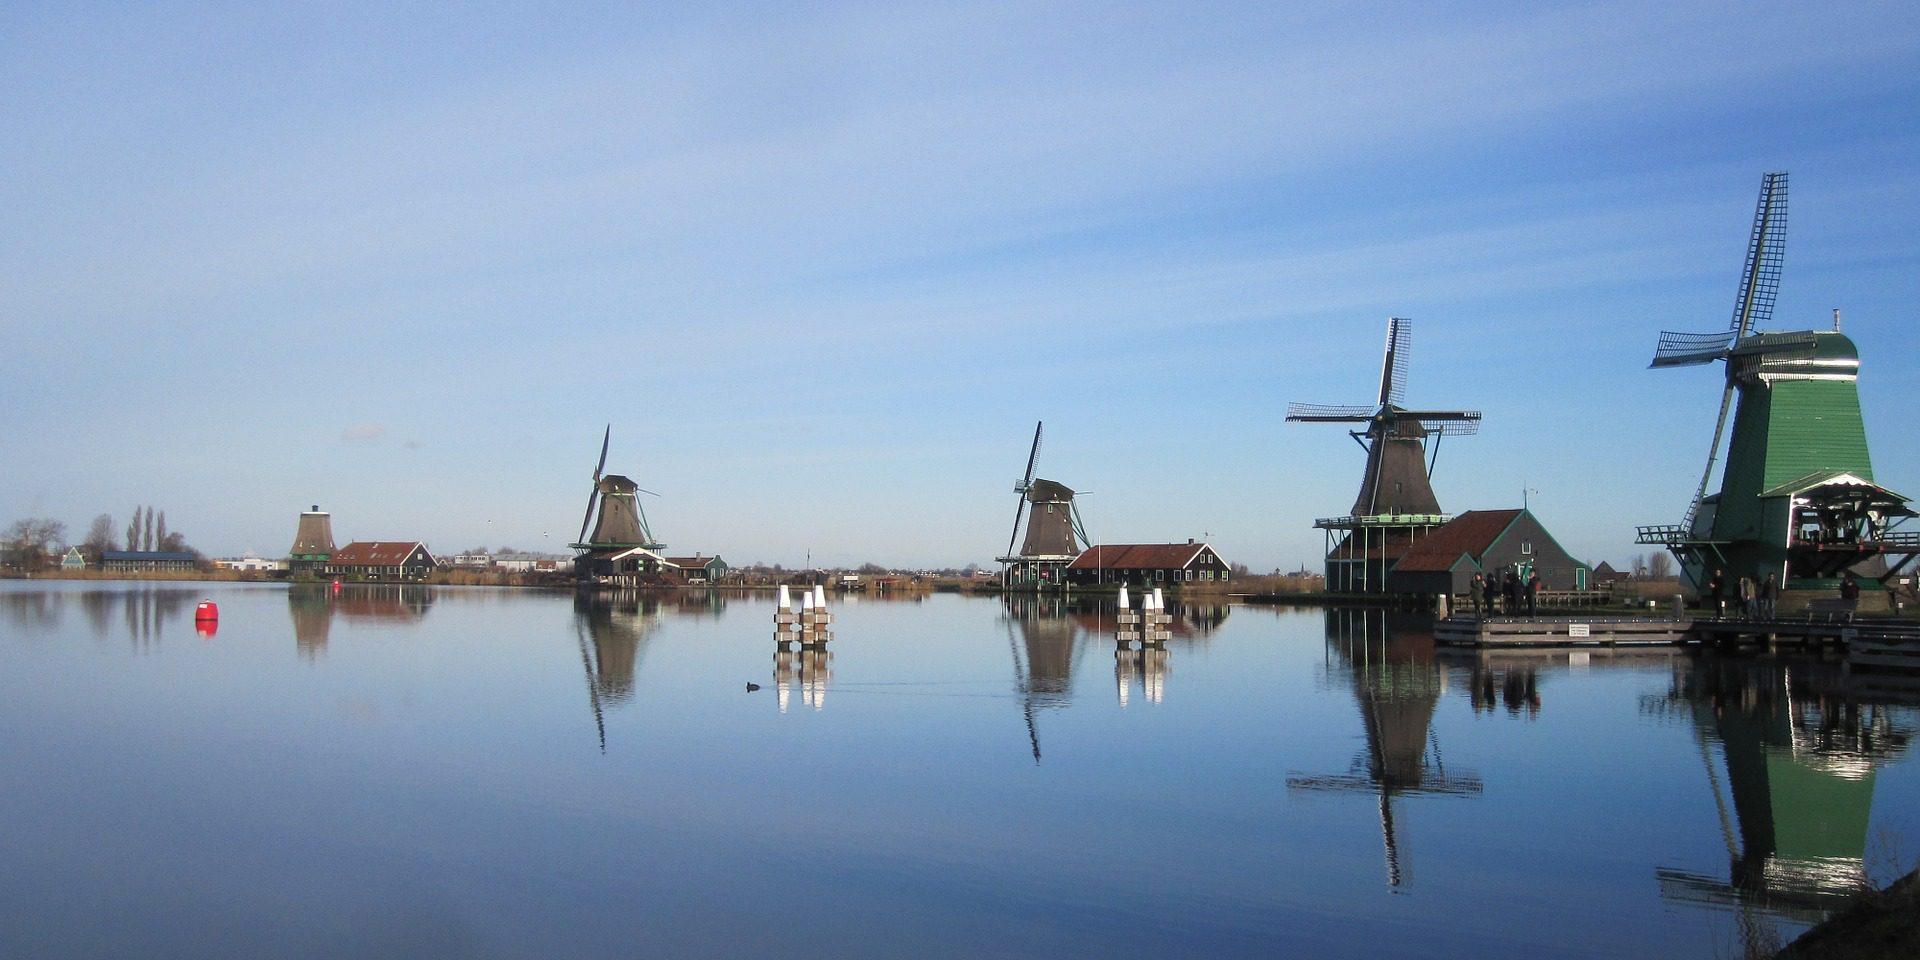 Bod Zaanstreek Waterland Voor Res Noord Holland Zuid Over Morgen